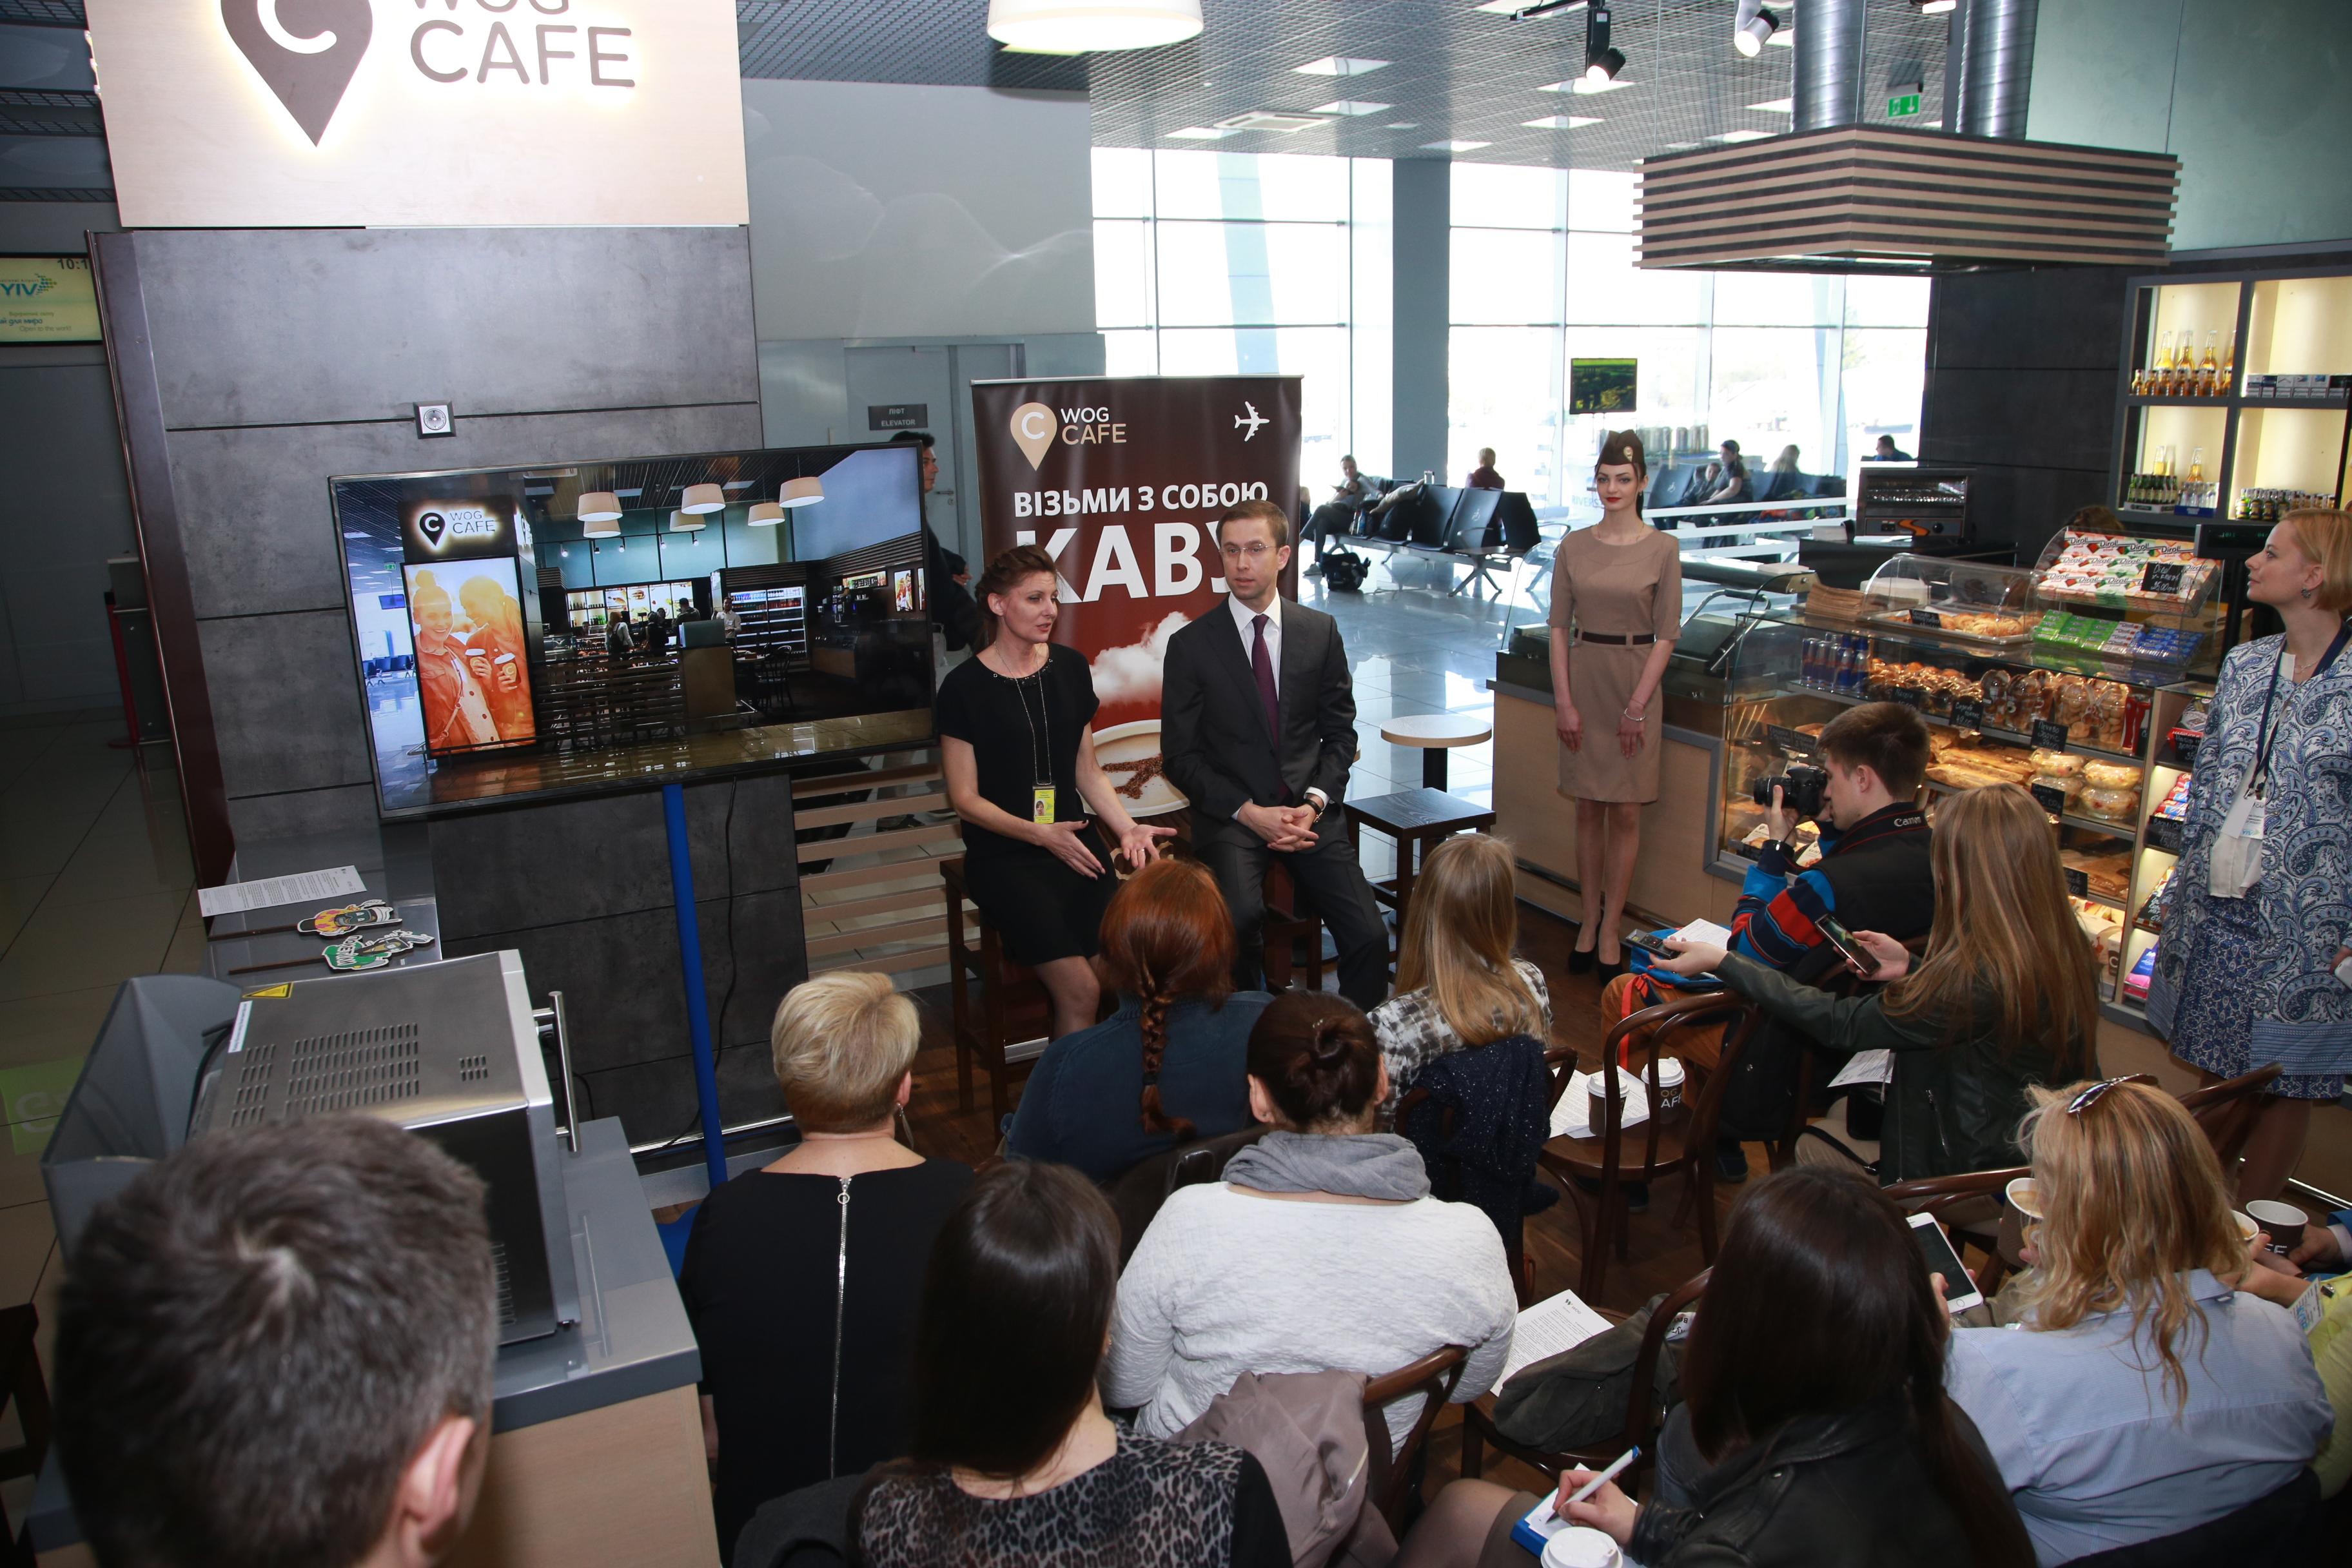 В аэропорту «Киев» открылось WOG CAFE